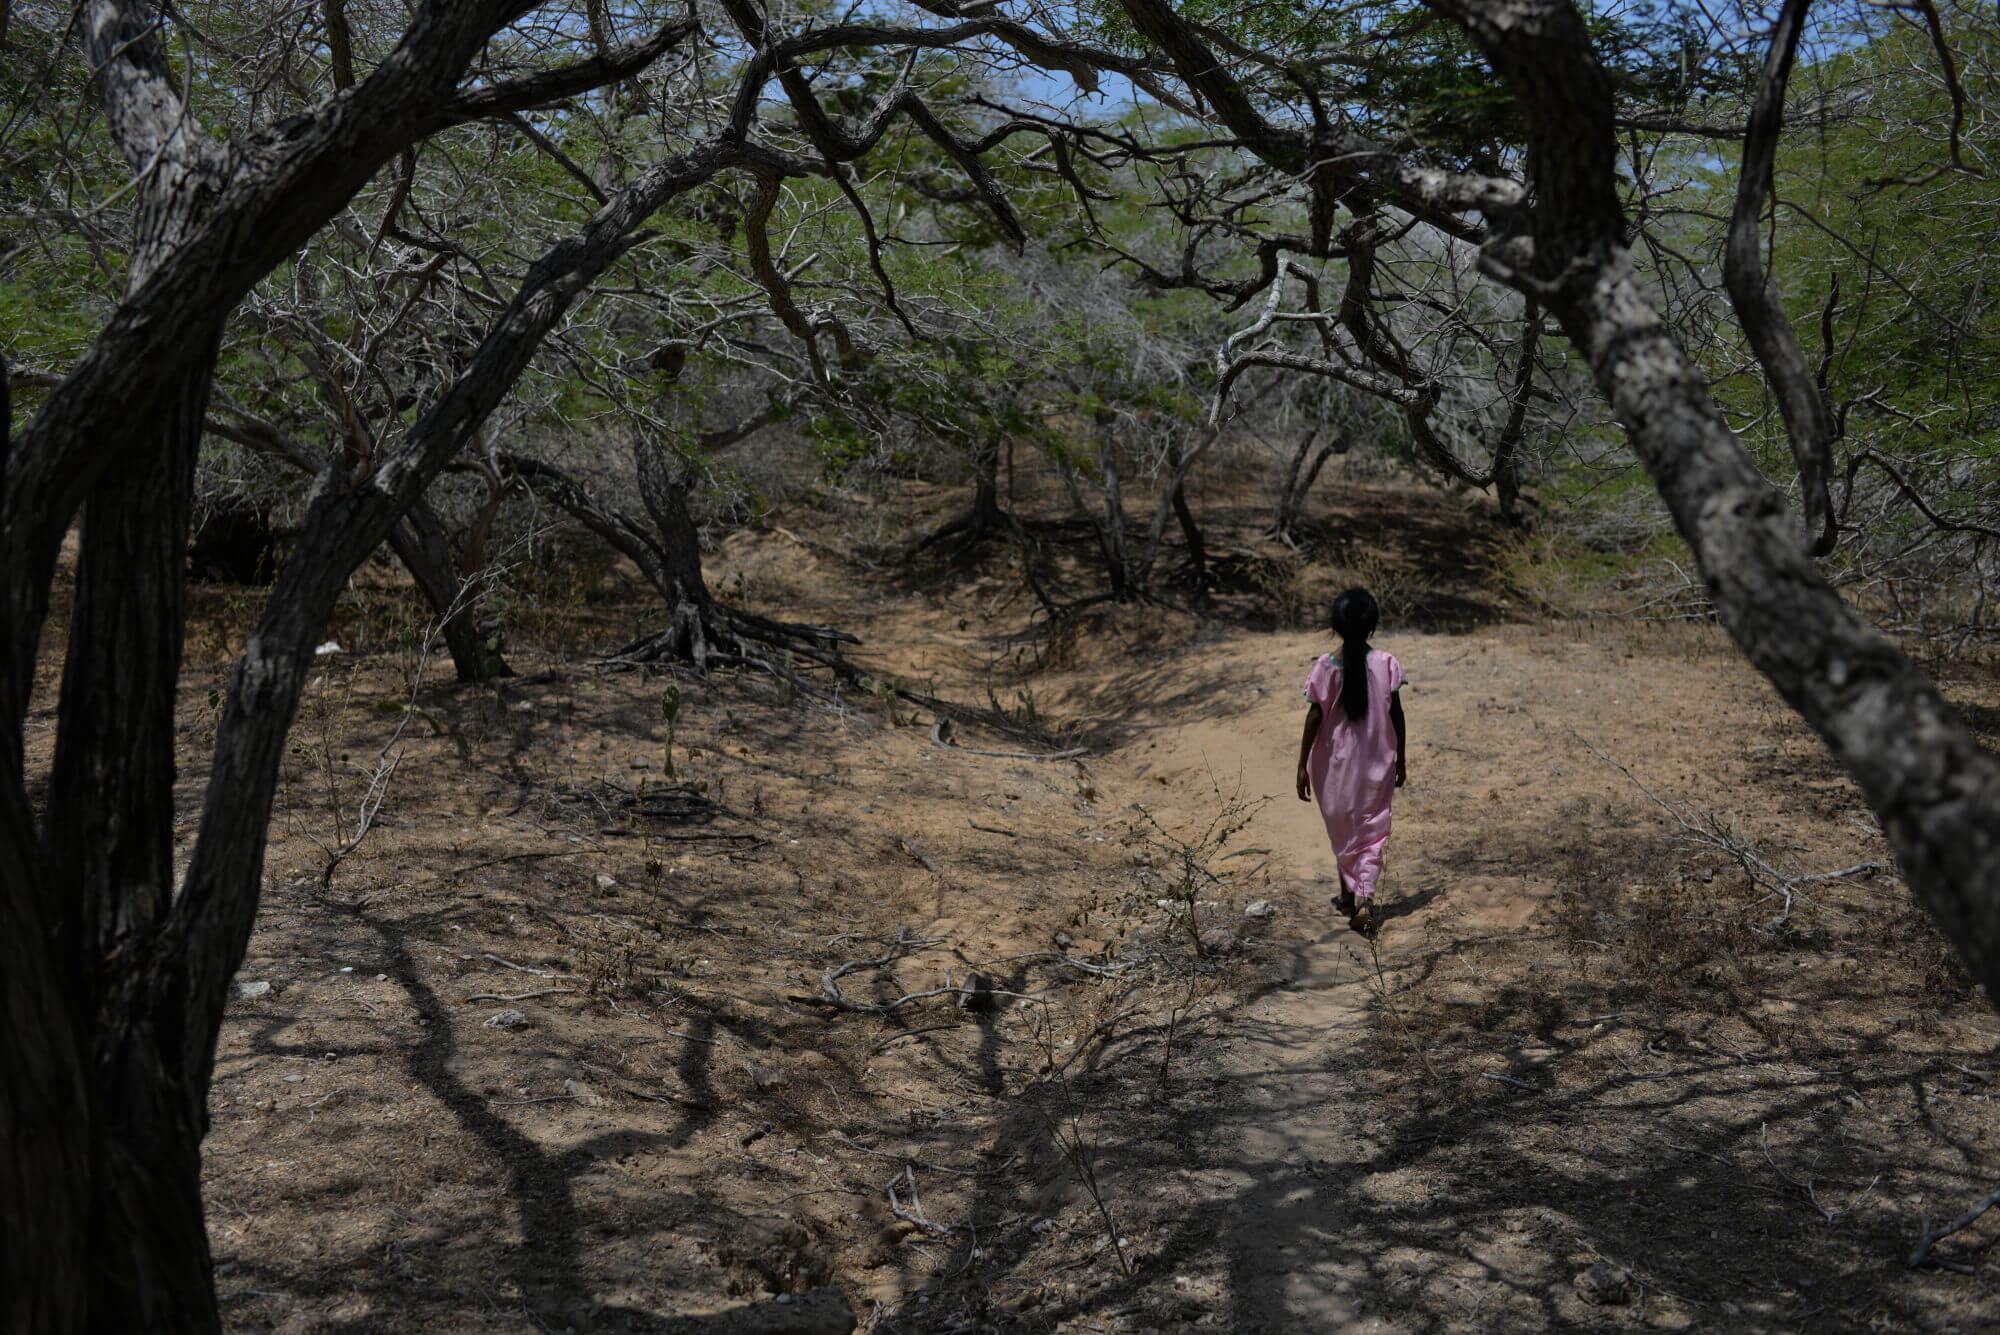 La sentencia que asegura derechos fundamentales para los niños wayúu